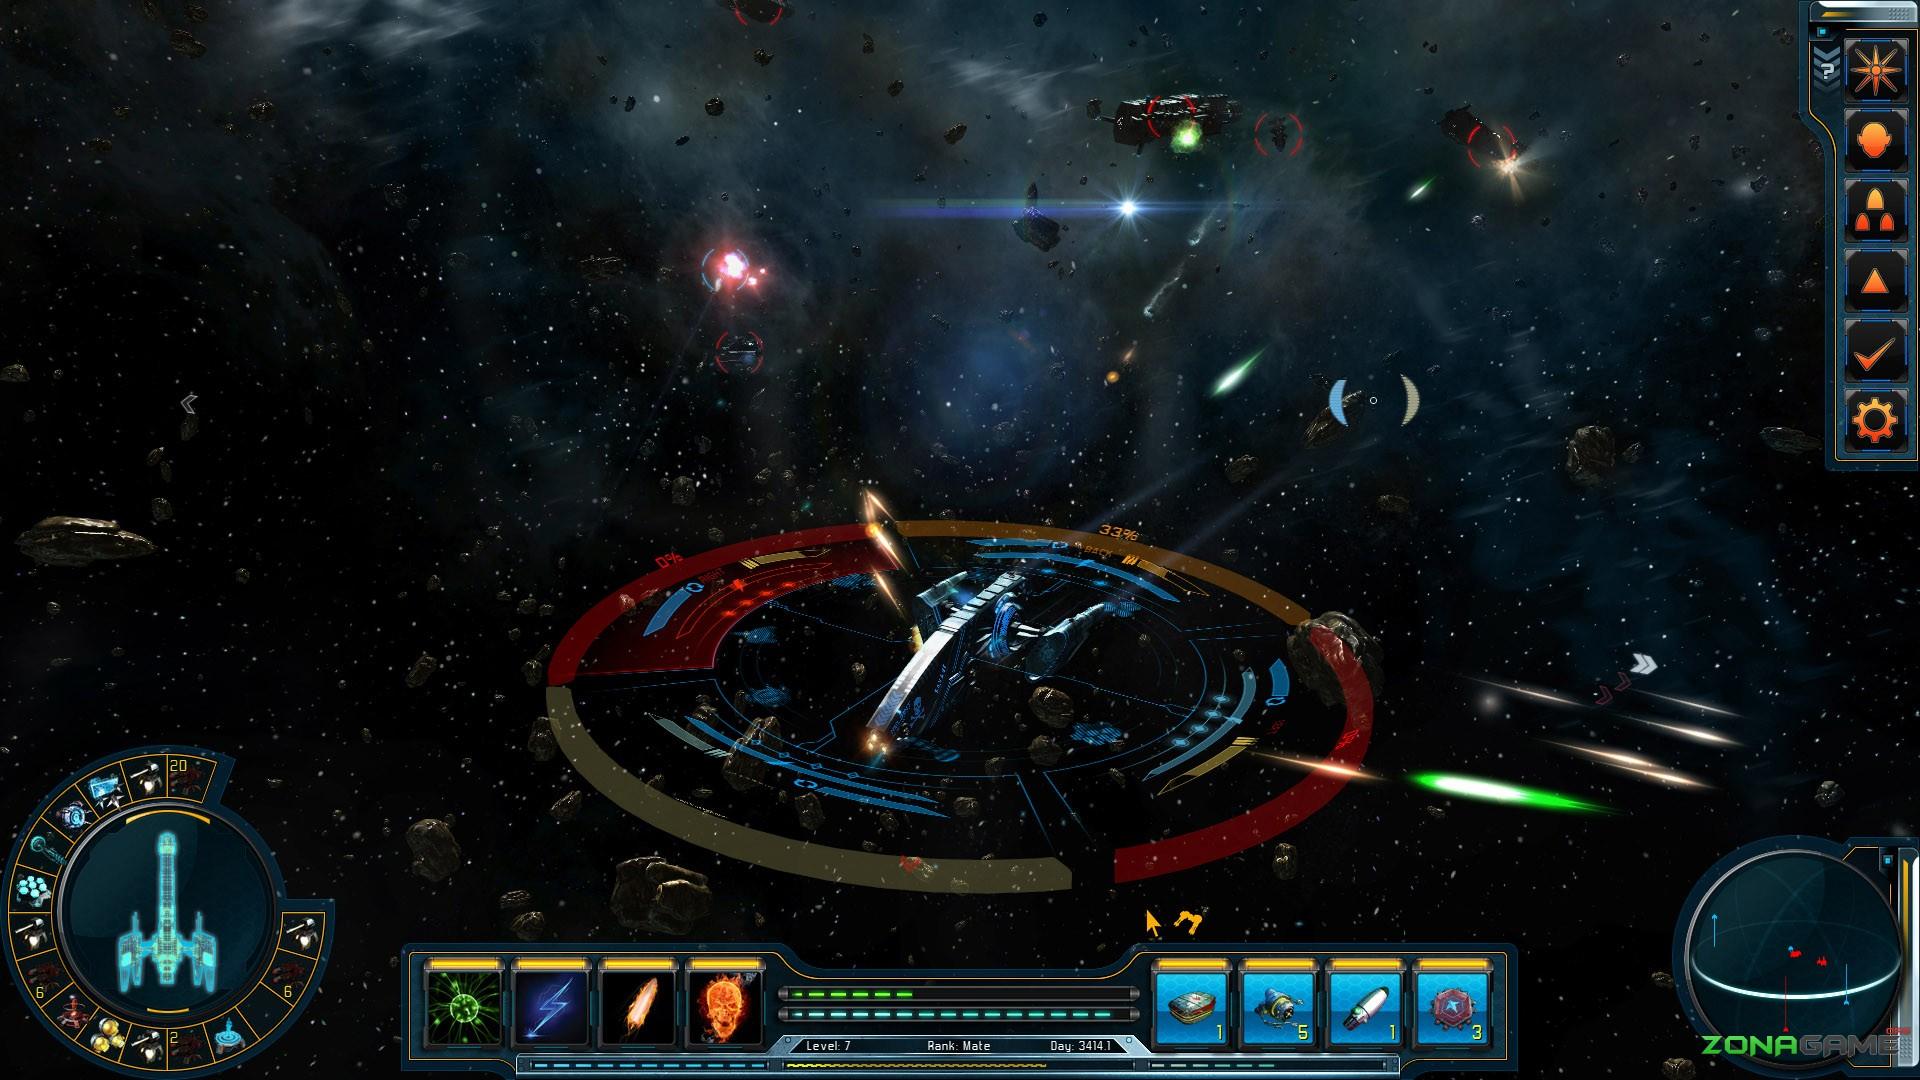 Starpoint gemini 2 как сделать на весь экран